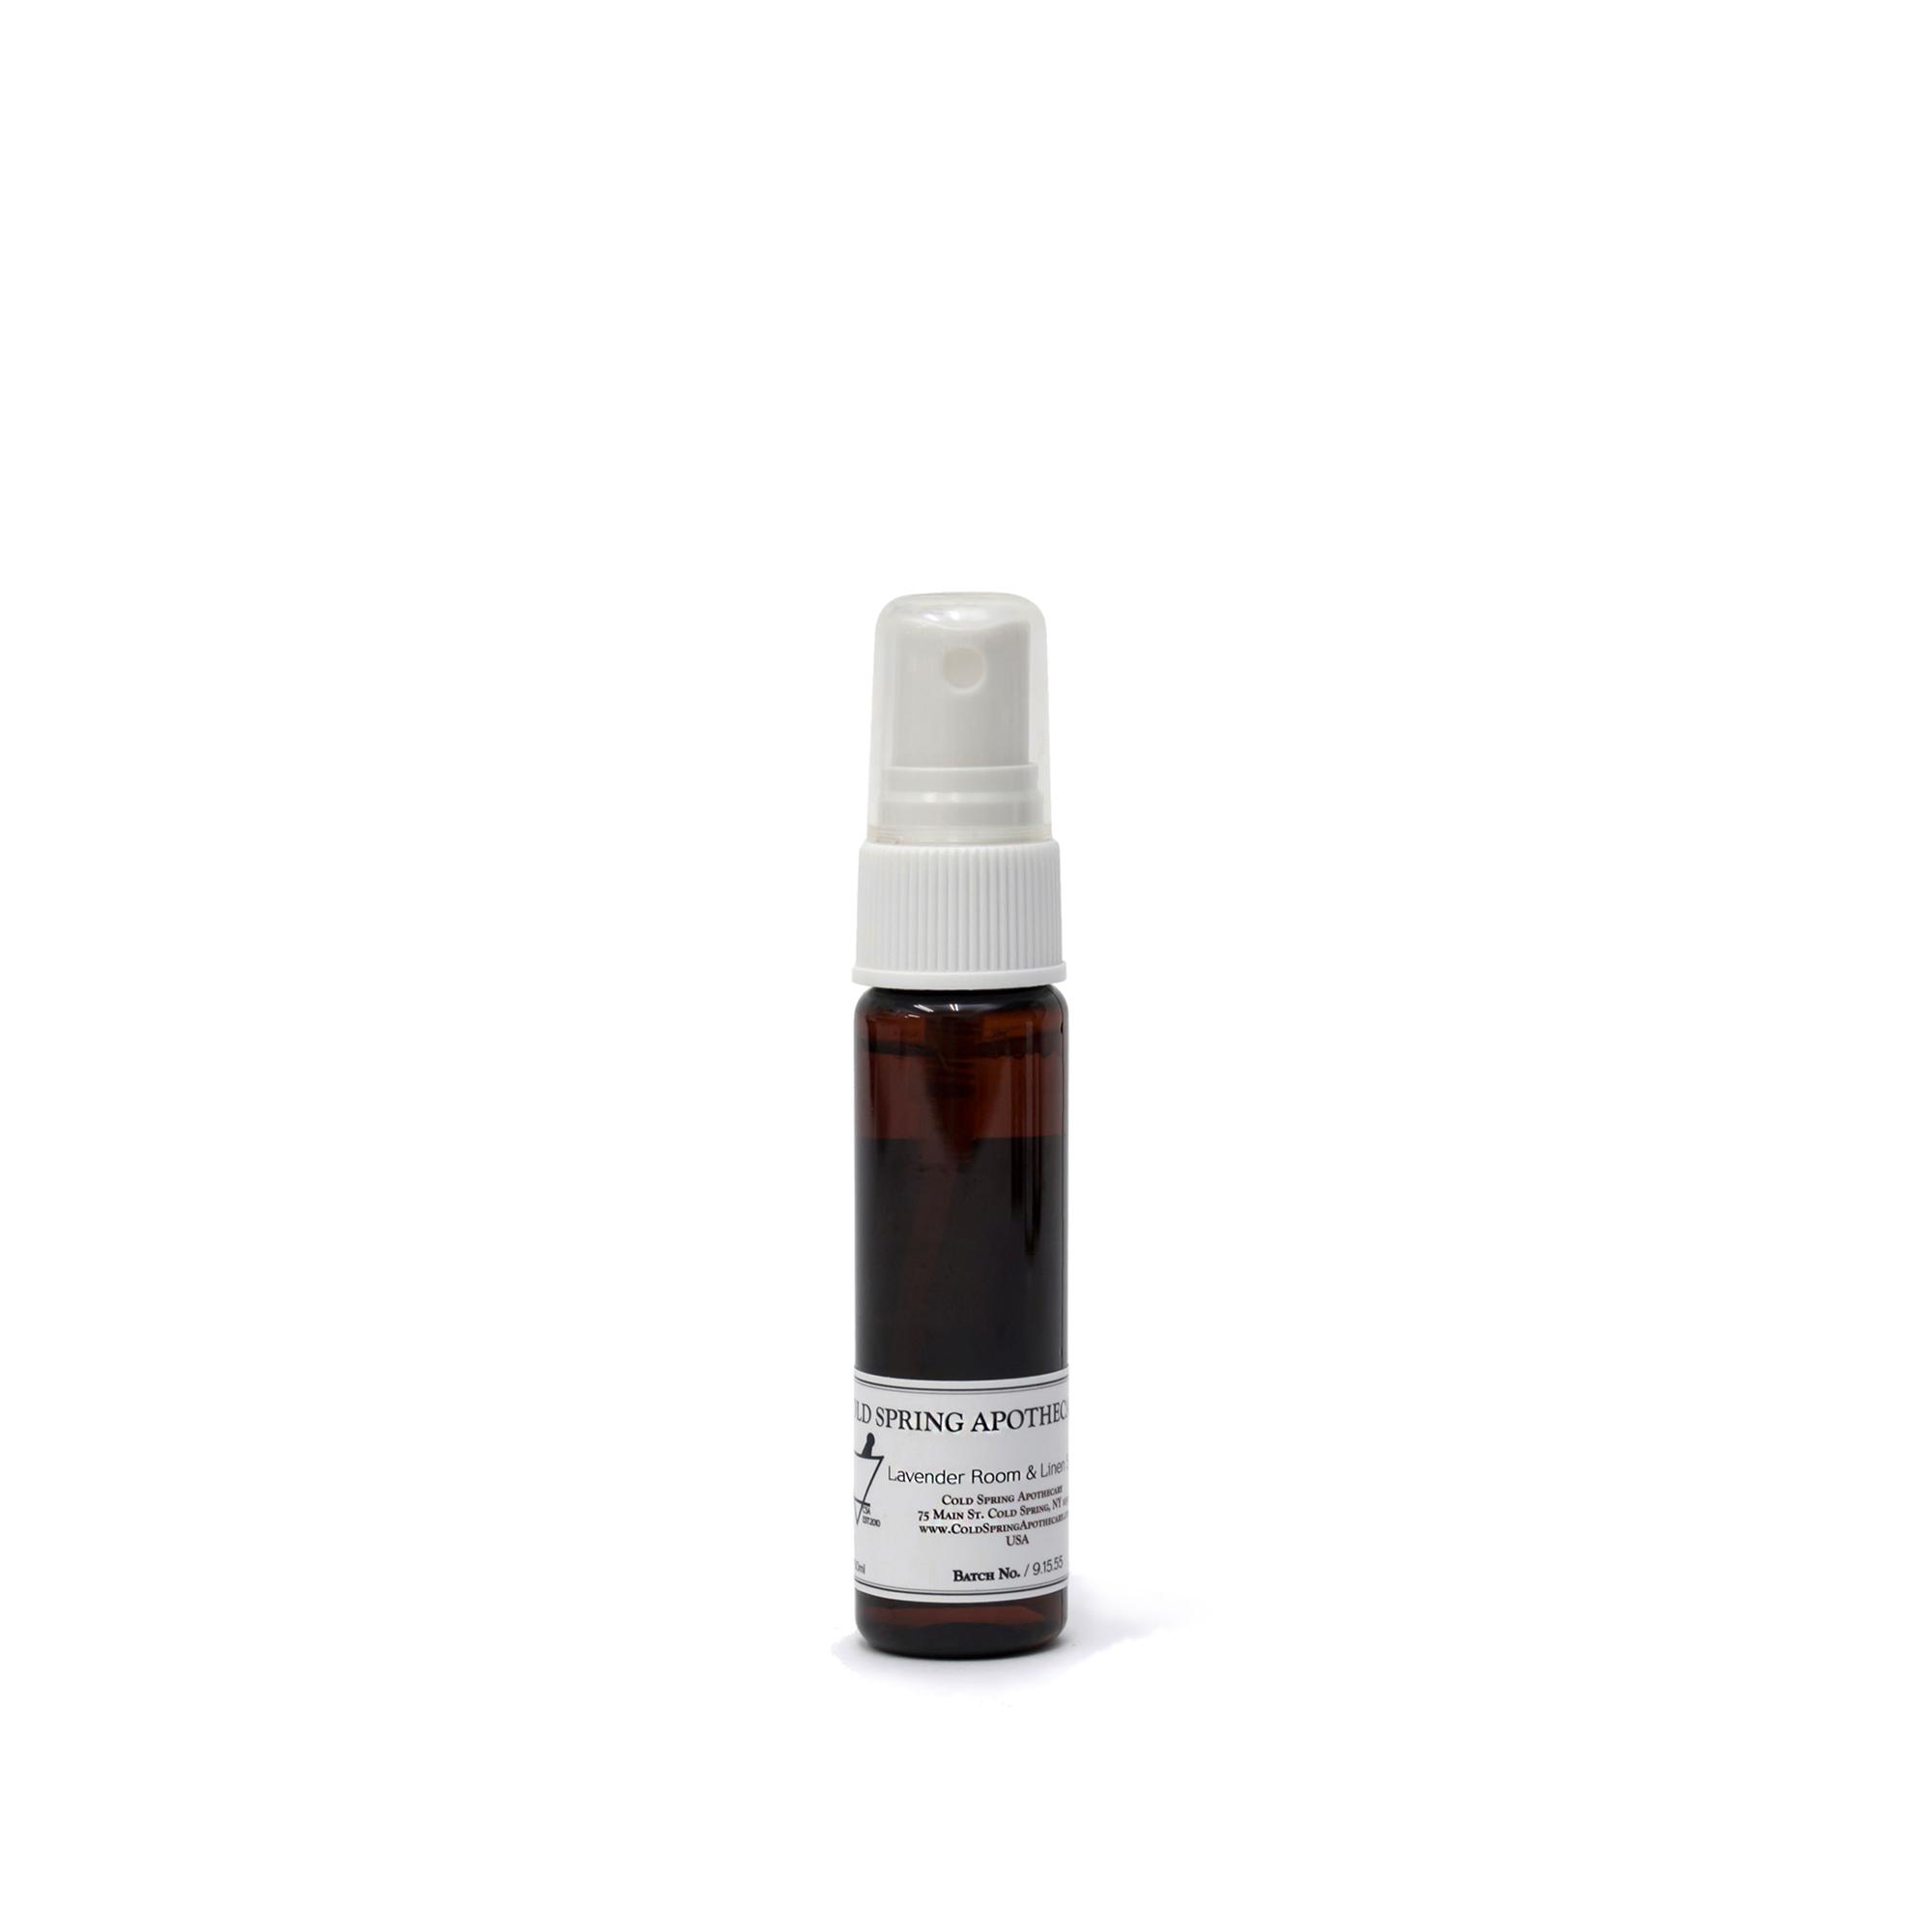 ルーム・リネンスプレー ラベンダー ちび Lavender Room & Linen Spray CHIBI